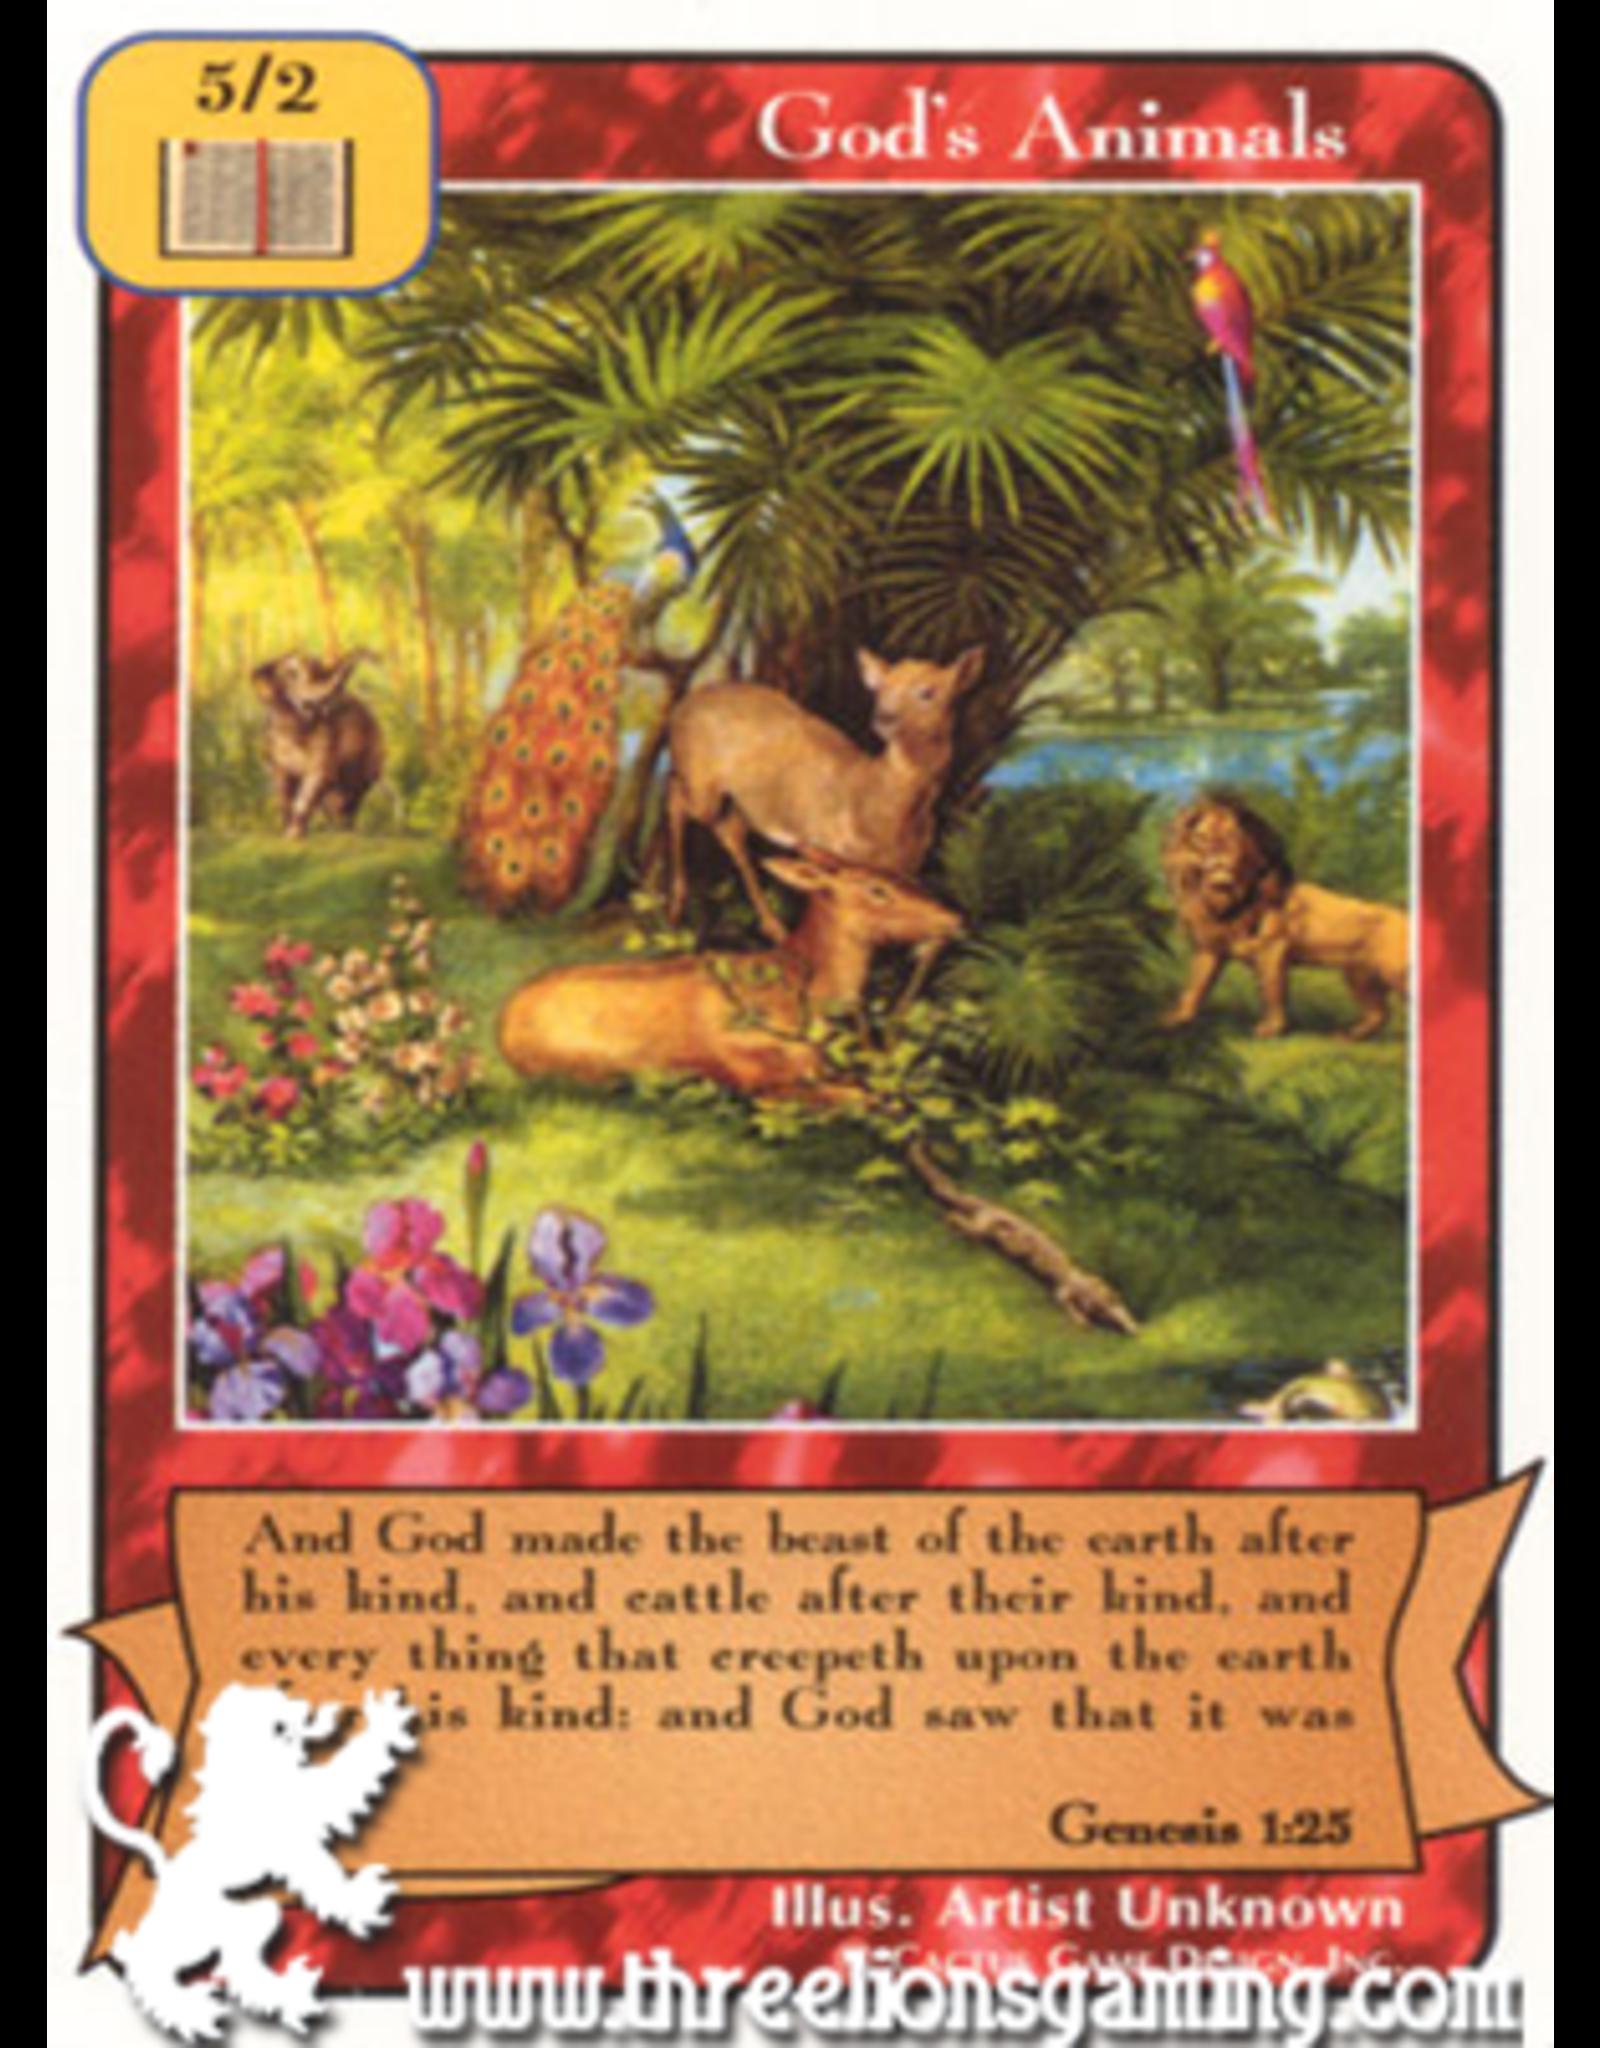 E/F: God's Animals